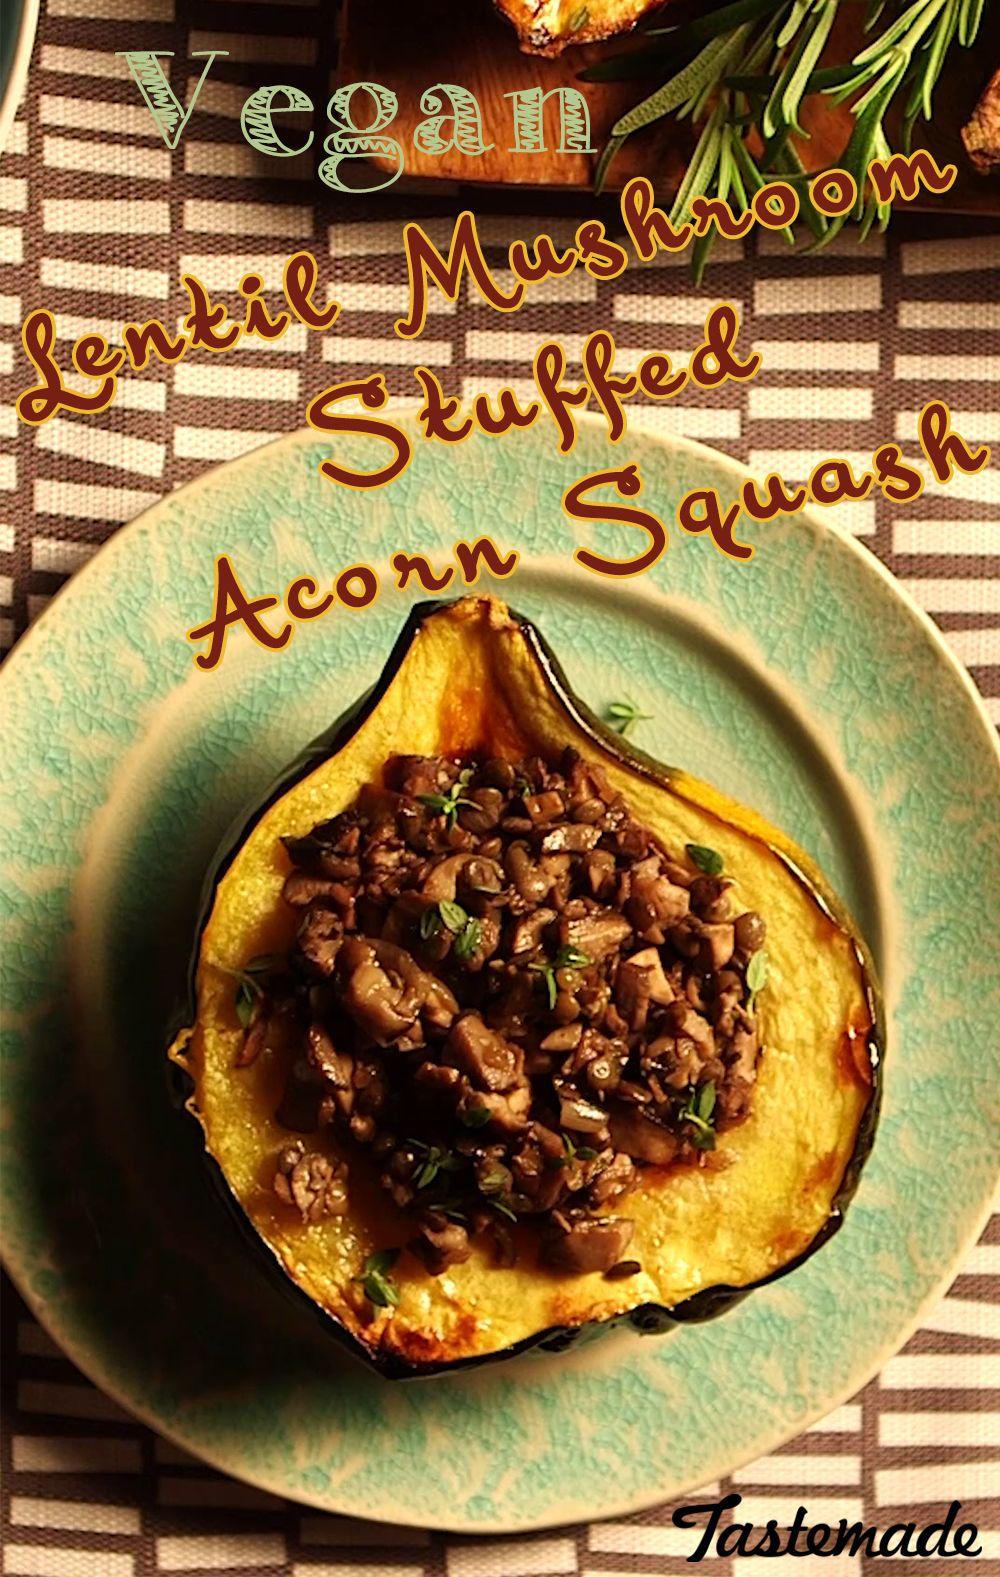 Lentil And Mushroom Stuffed Acorn Squash